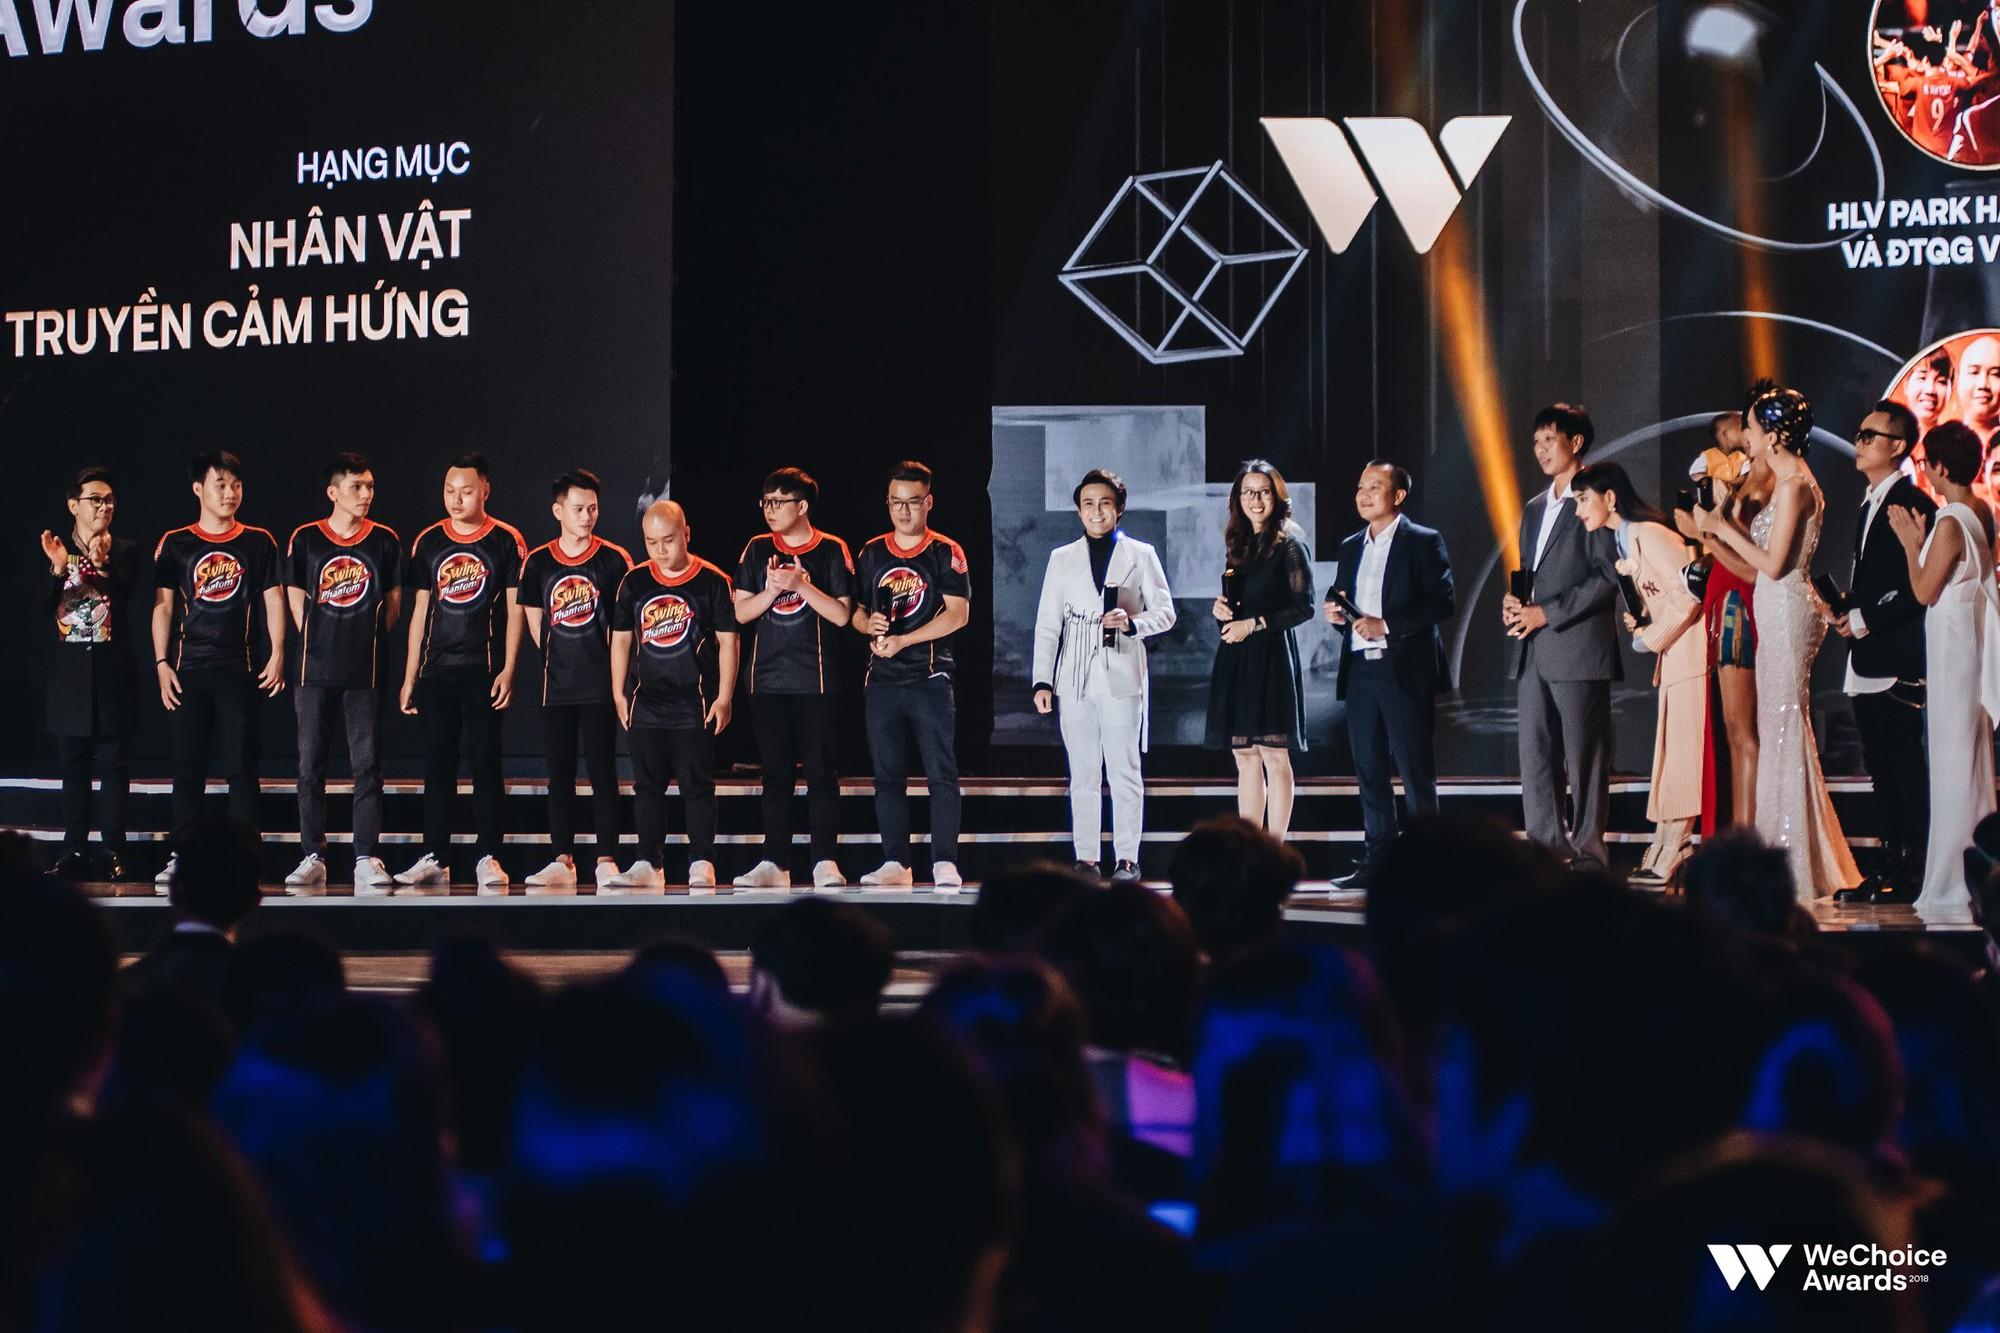 Gala WeChoice Awards 2018: Một đêm văn minh của niềm cảm hứng đẹp đẽ và những khán giả dõi theo đến tận phút cuối cùng - Ảnh 7.